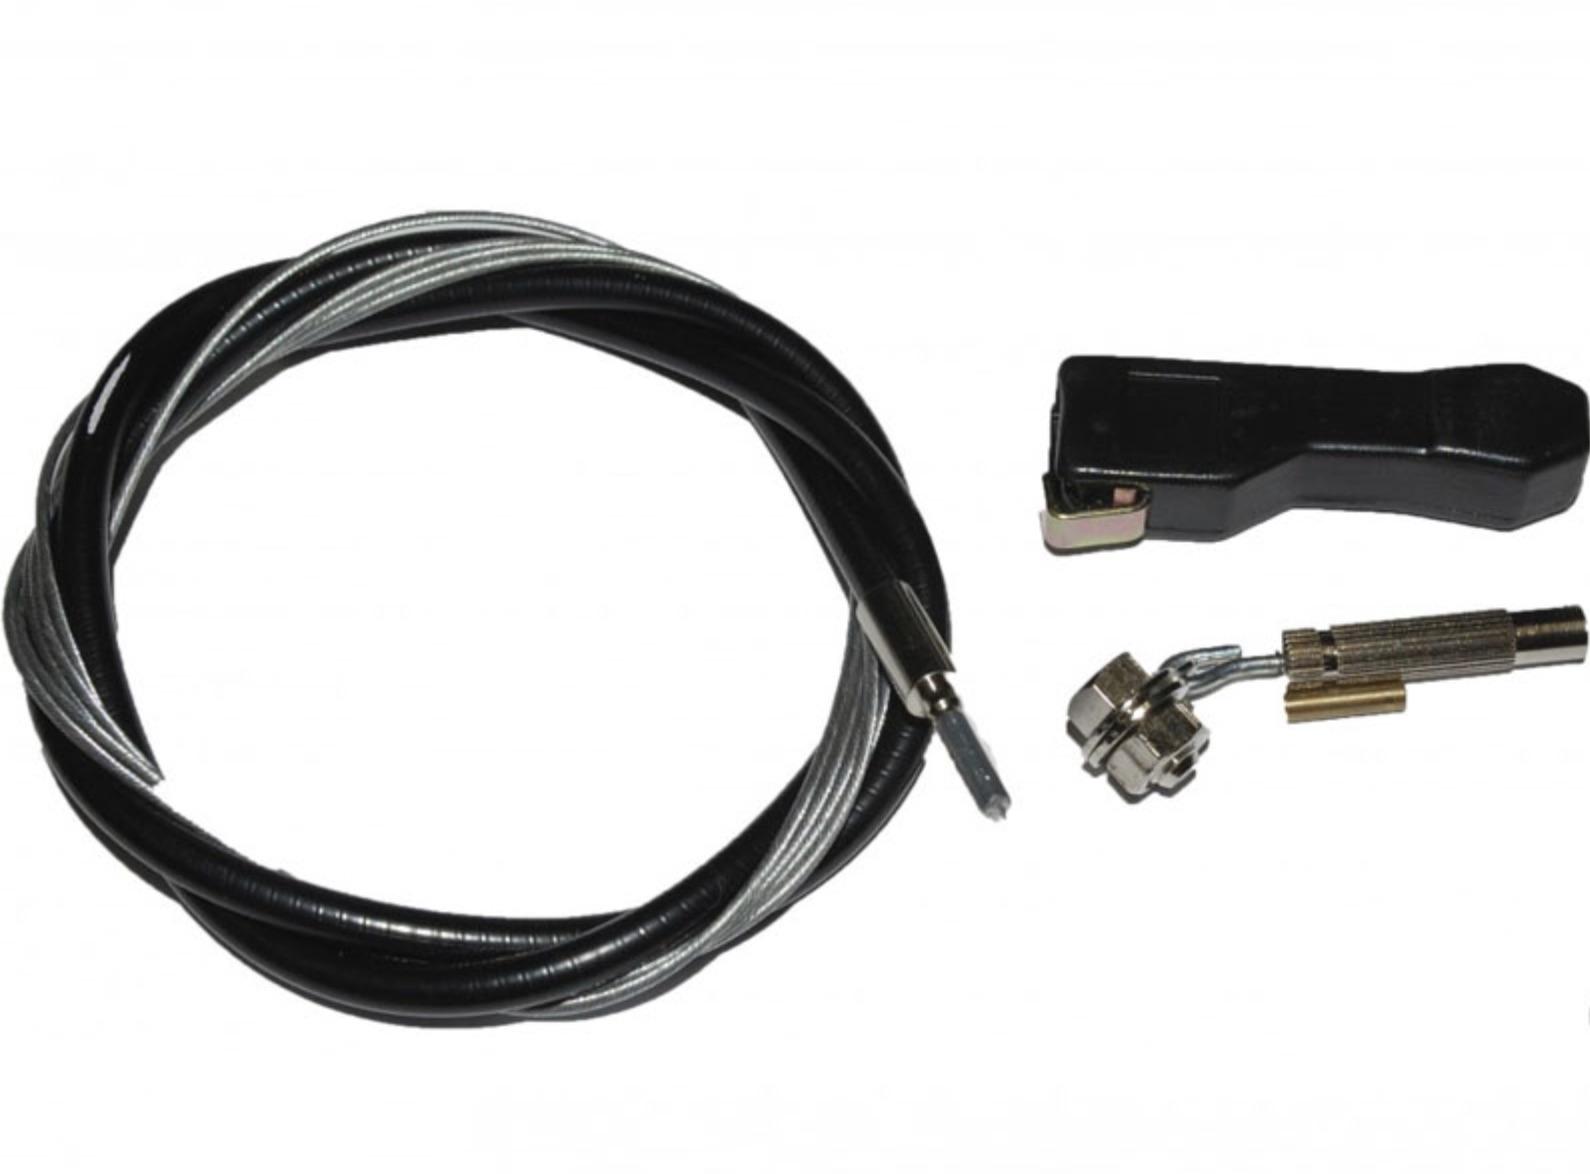 Gearkabel Torpedo 3-5 gear - 0630790 | Gear cables